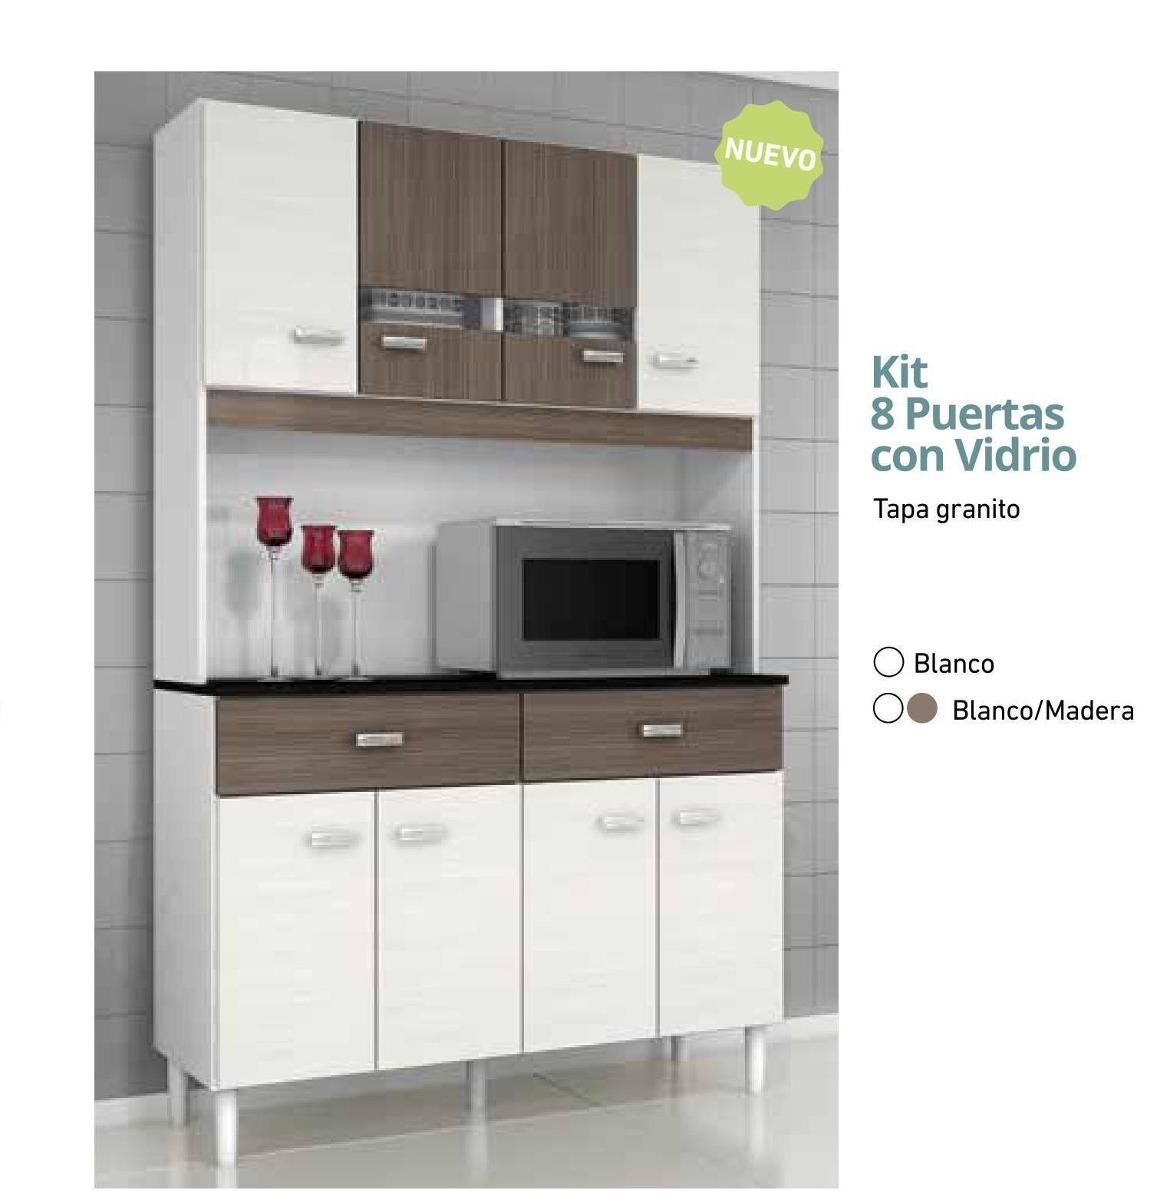 Kit Mueble Cocina Puertas Vidrio Envio Y Armado Gratis  $ 2971,48 en